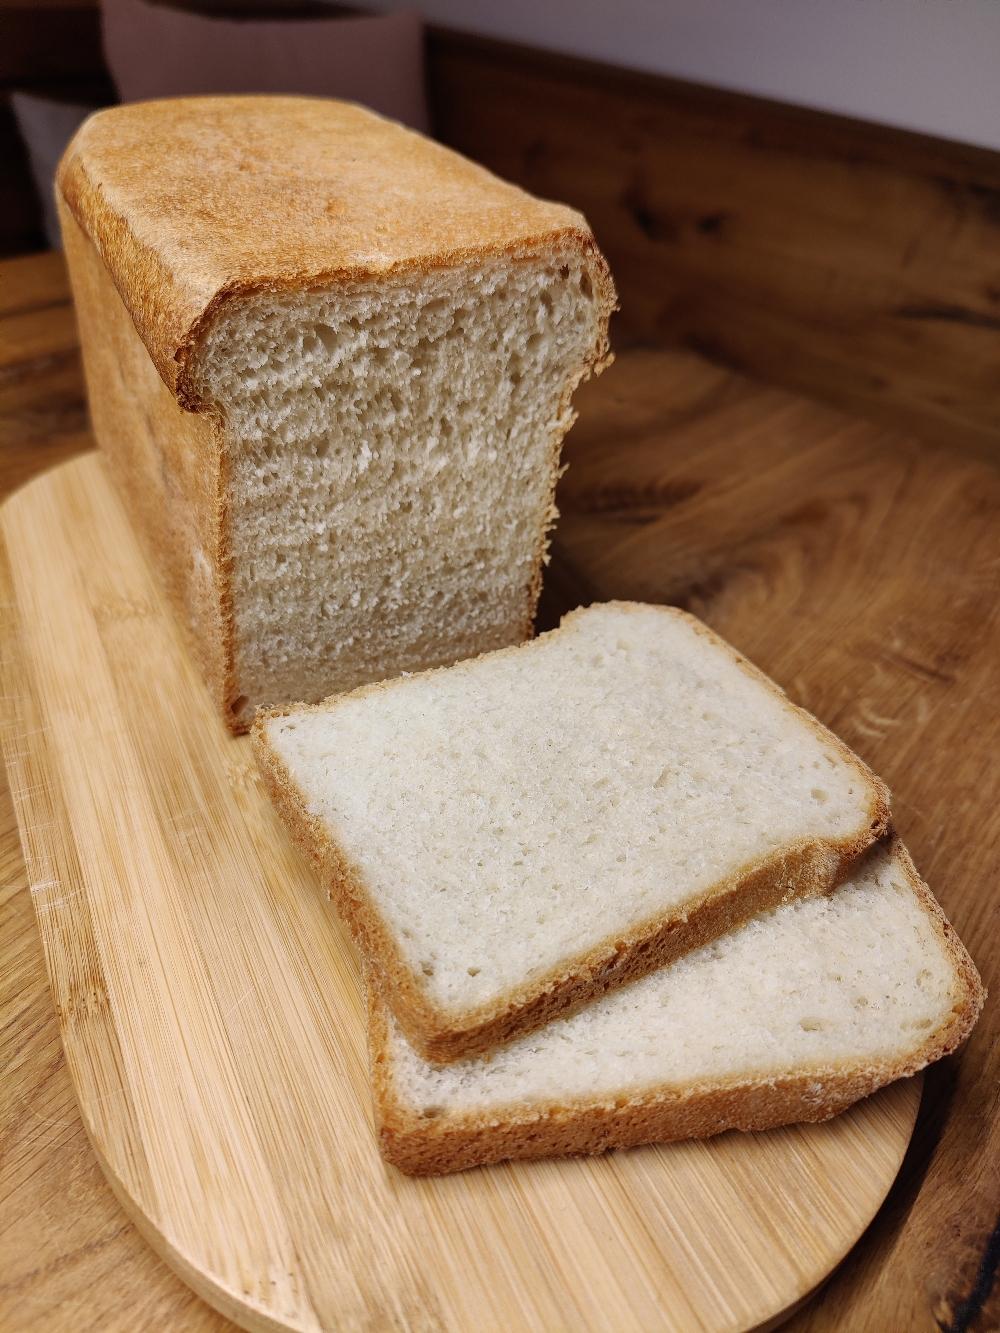 Toastbrot aufgeschnitten